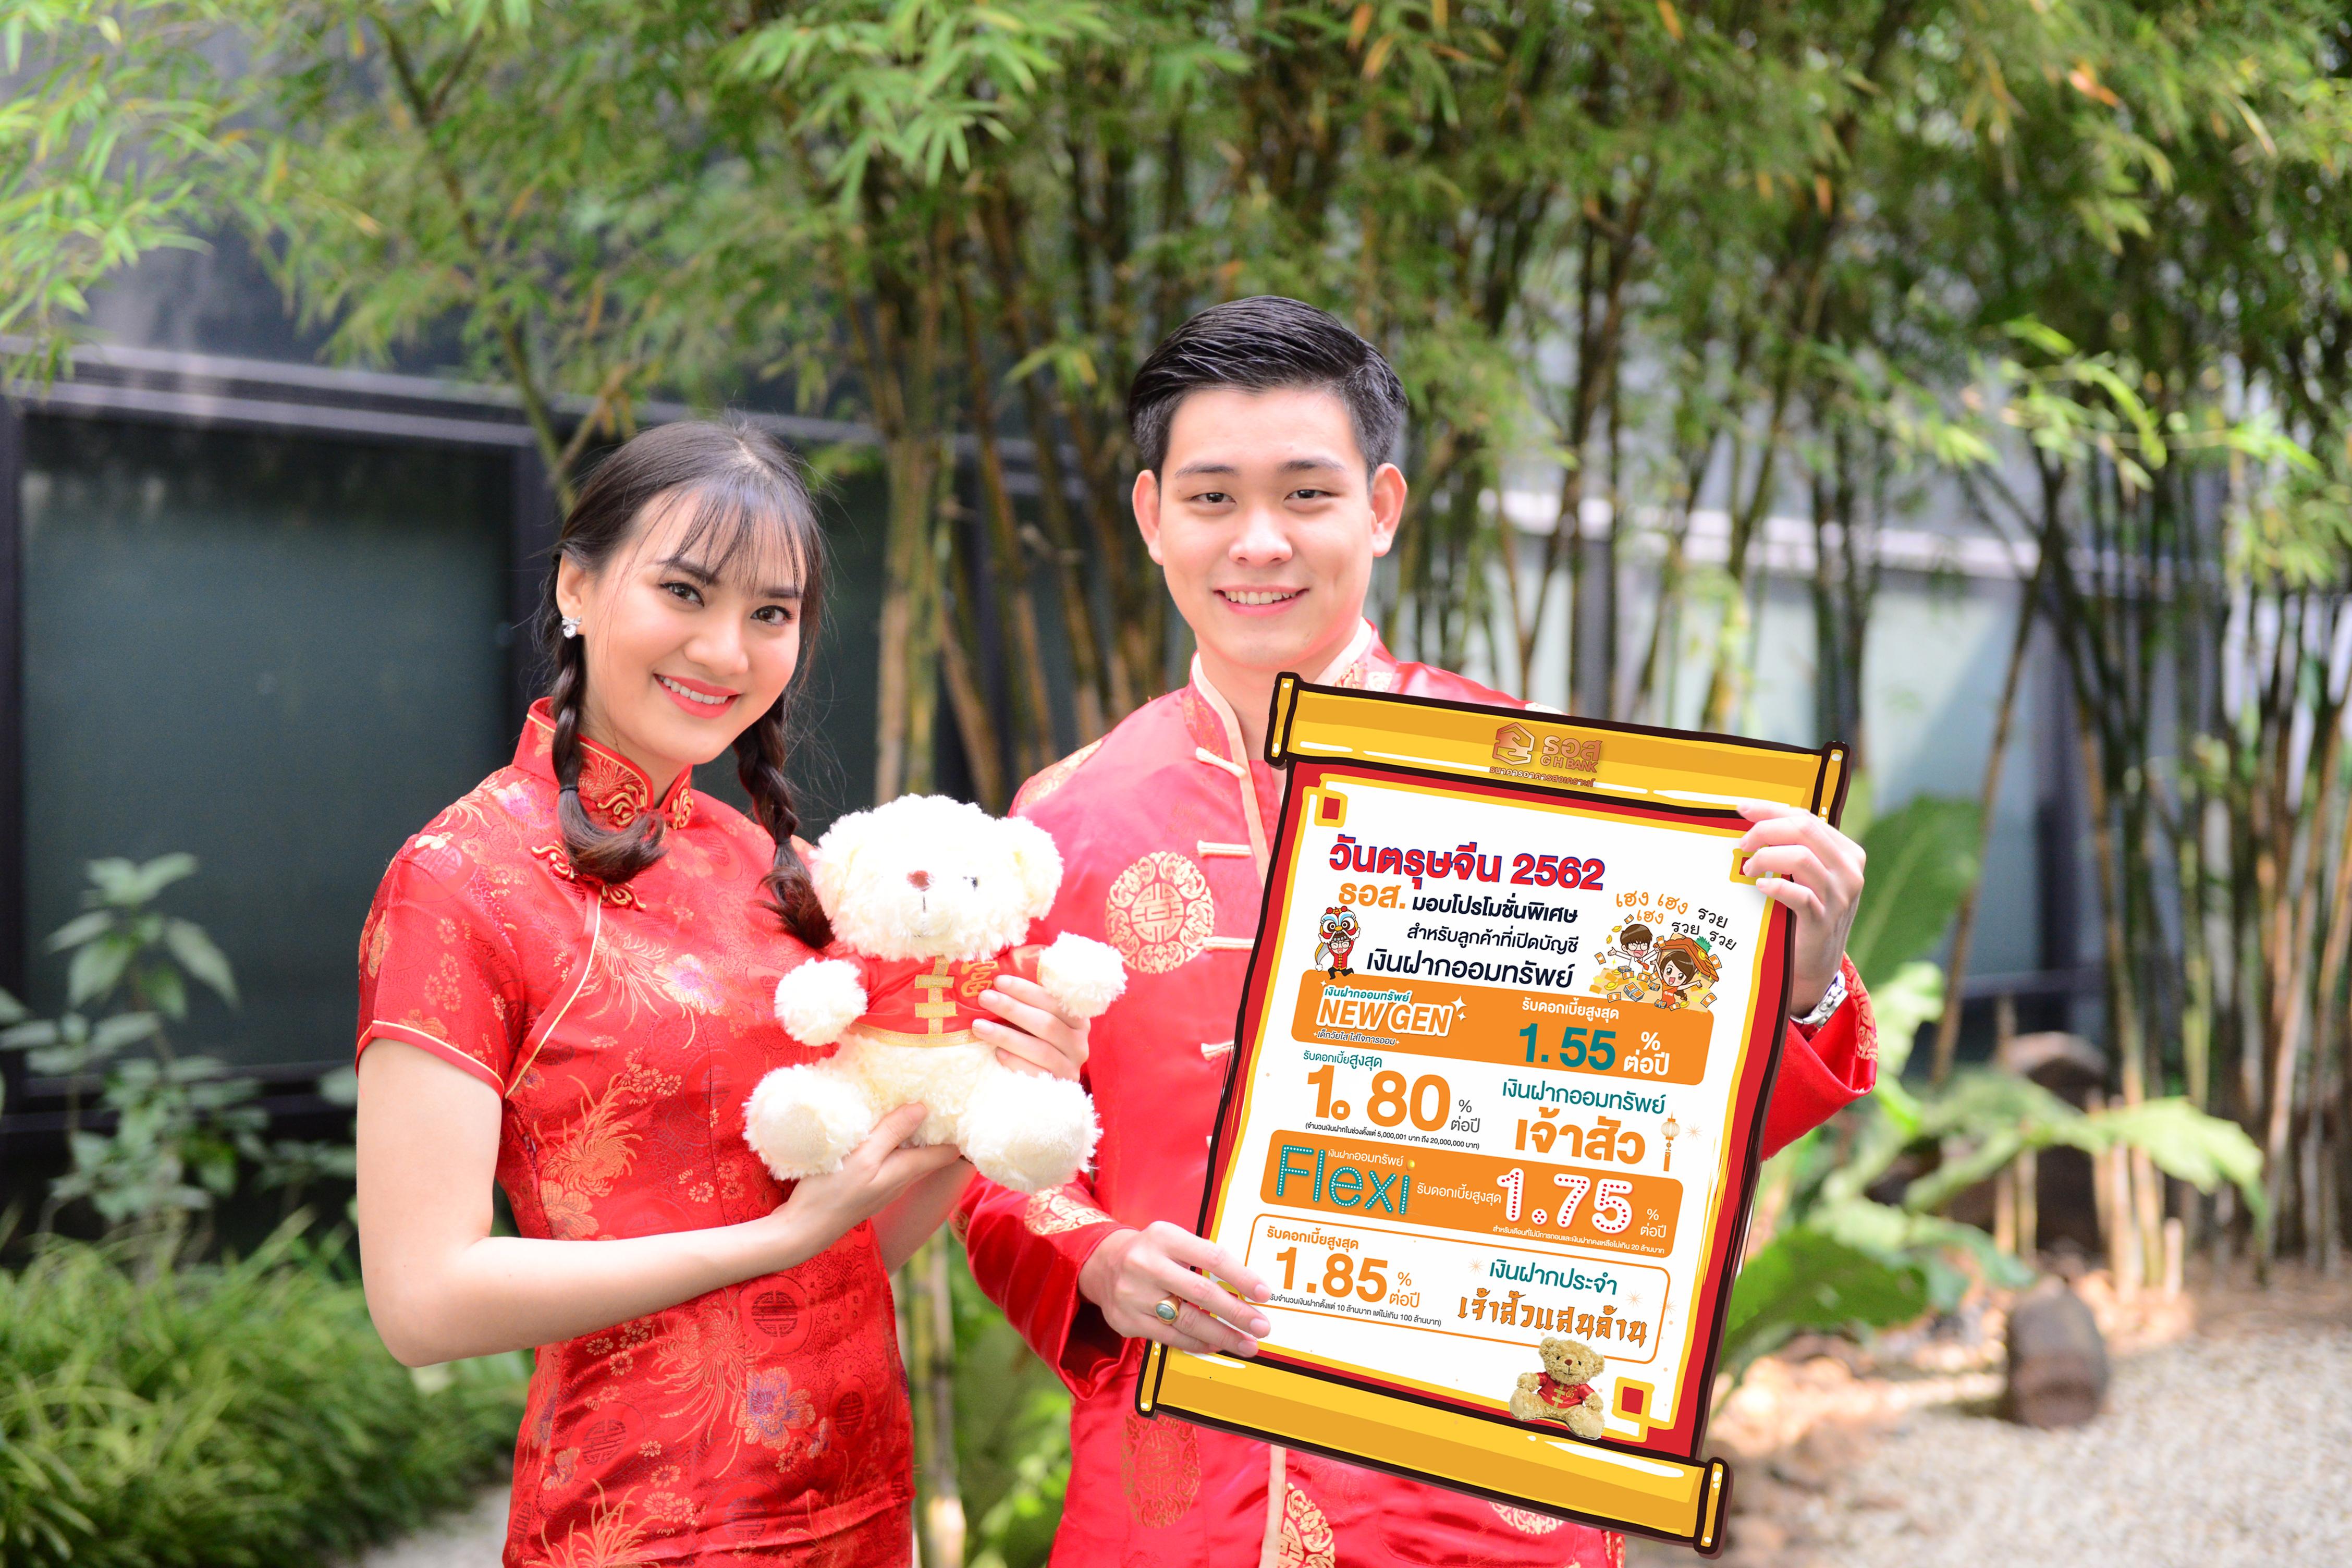 ธอส.ต้อนรับเทศกาลตรุษจีน เปิดบัญชีเงินฝาก รับฟรี!! ตุ๊กตาหมี เฮงเฮง